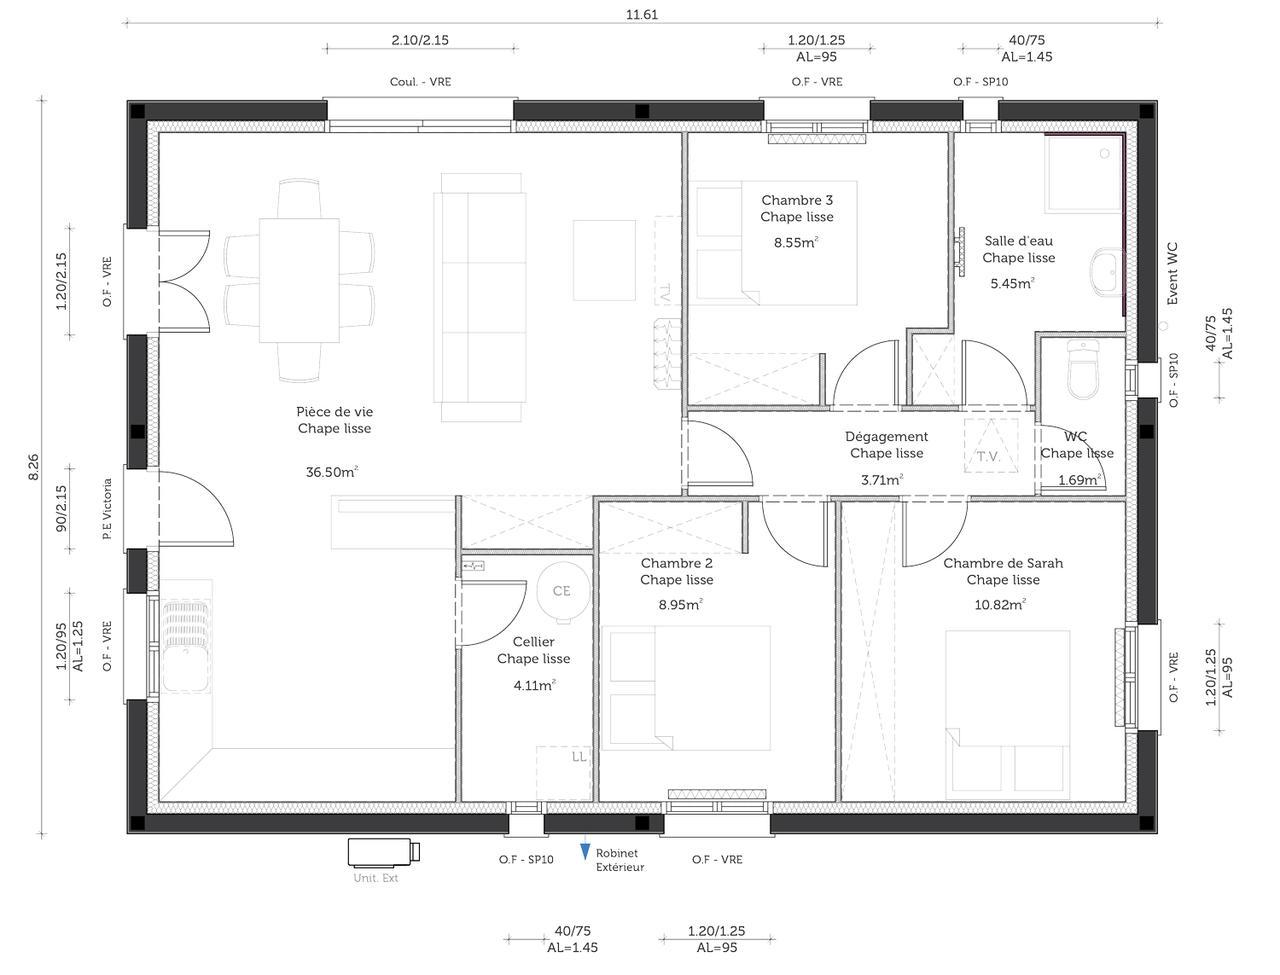 Une premi re maison de 80m2 habitables constructeur for Chambre 8 metre carre